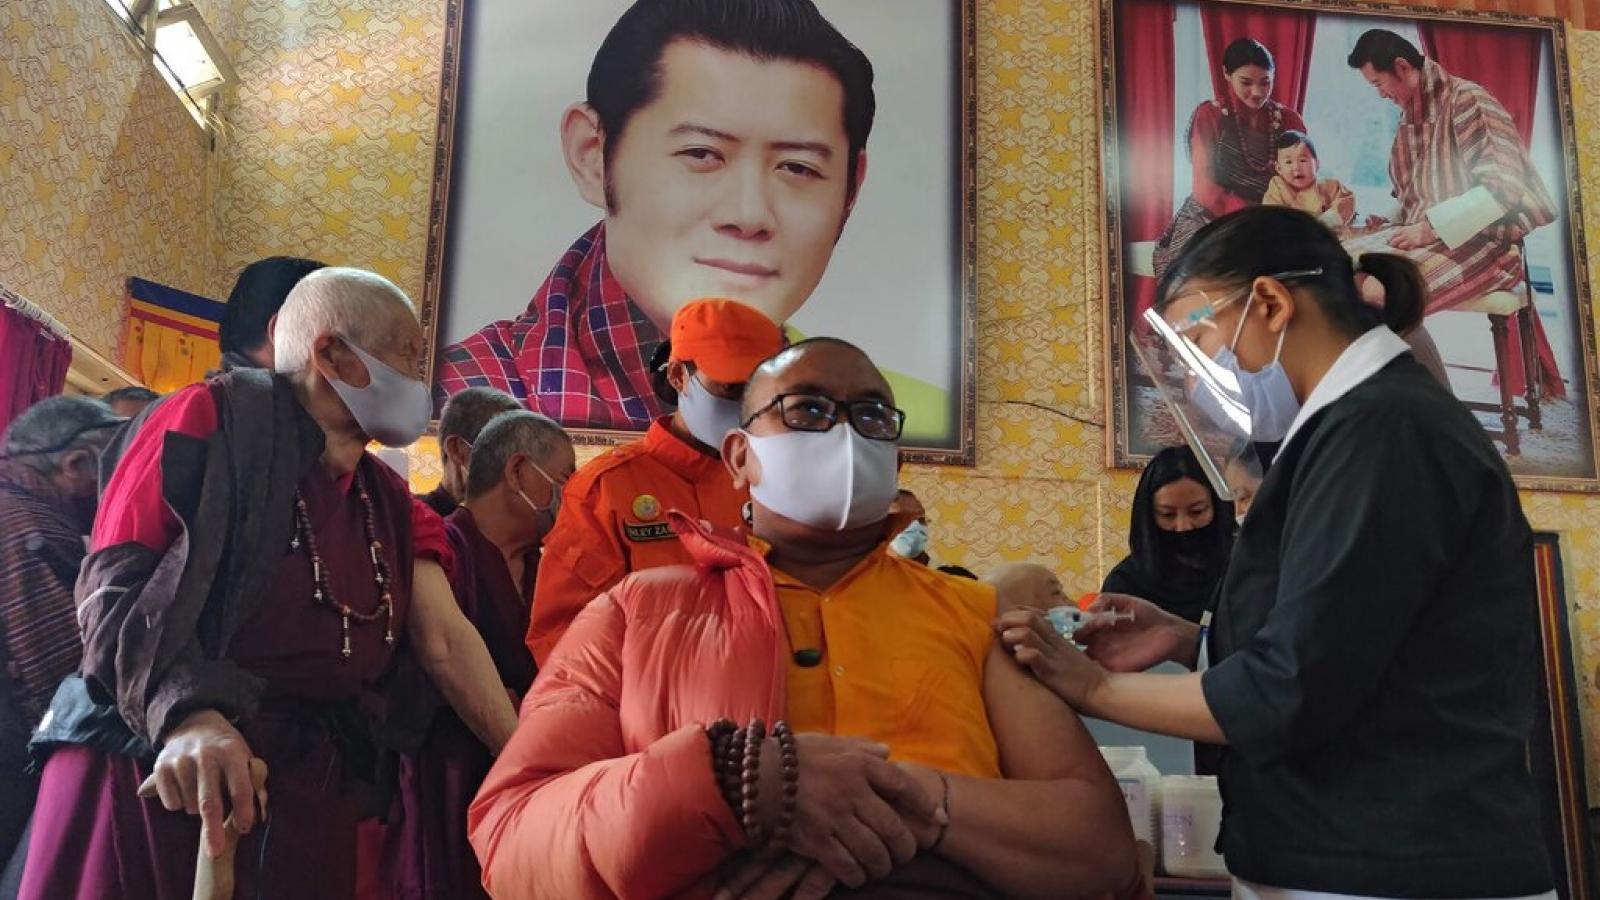 Vương quốc hạnh phúc Bhutan và chiến dịch tiêm vaccine Covid-19 vượt cả Mỹ, Anh